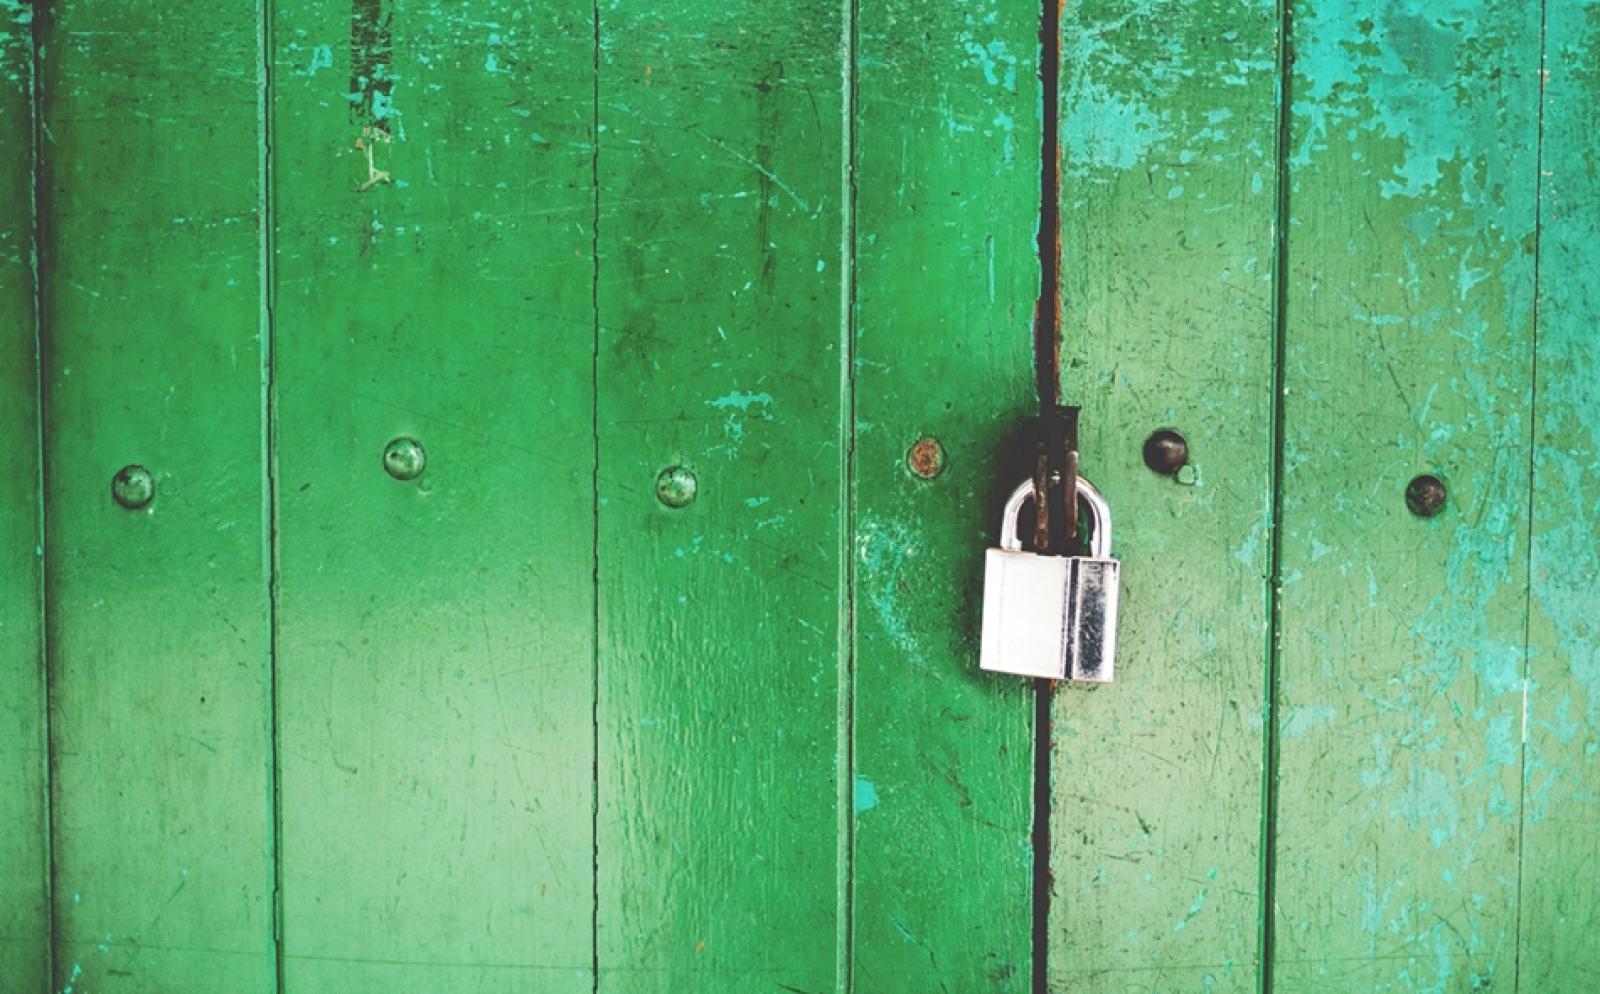 南京錠がかかった緑の扉